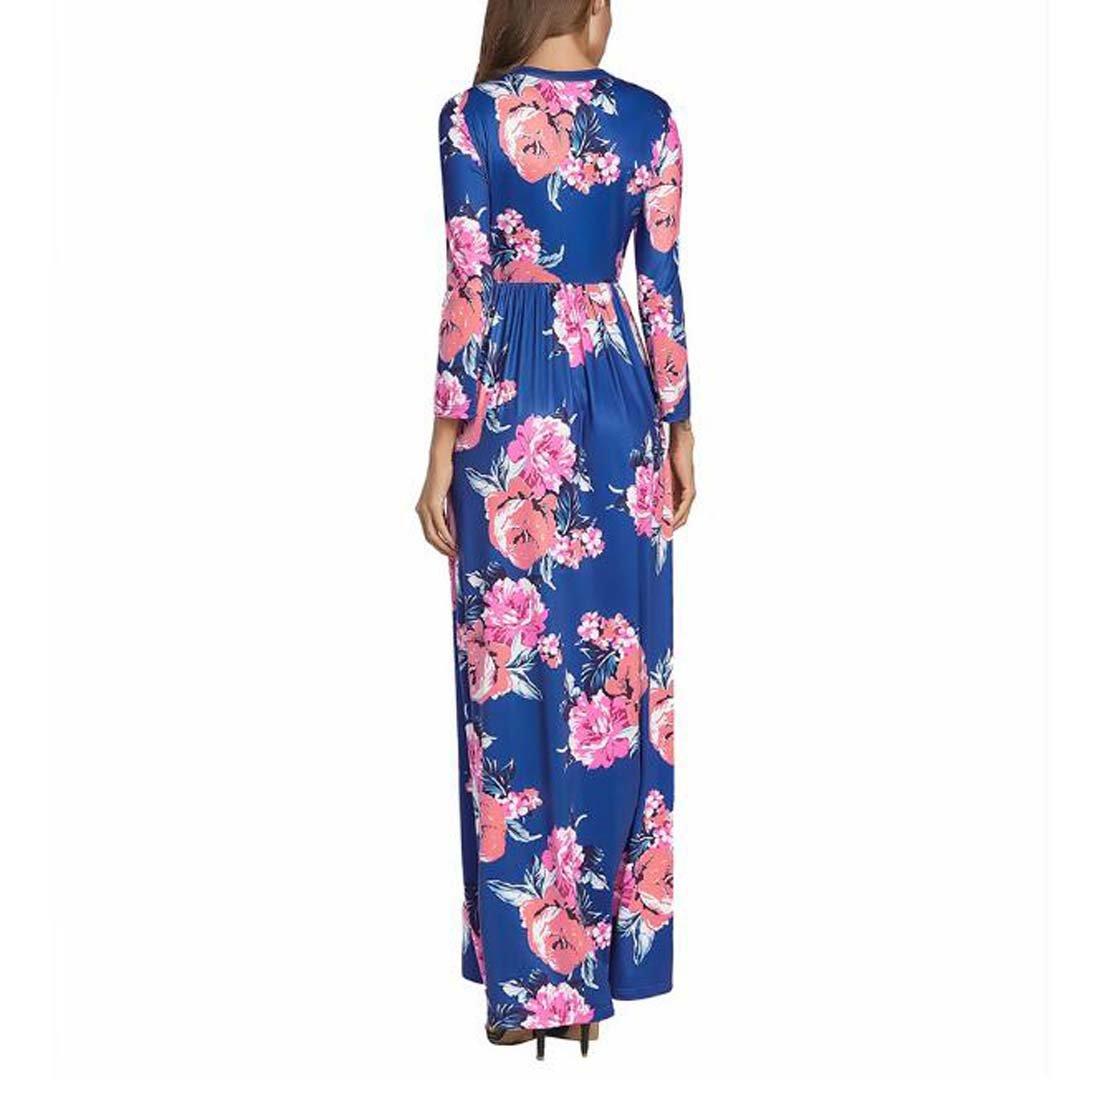 Vestido de Boho de manga larga con estampado floral de una línea de mujeres vestido de fiesta de noche largo vestido maxi largo: Amazon.es: Deportes y aire ...